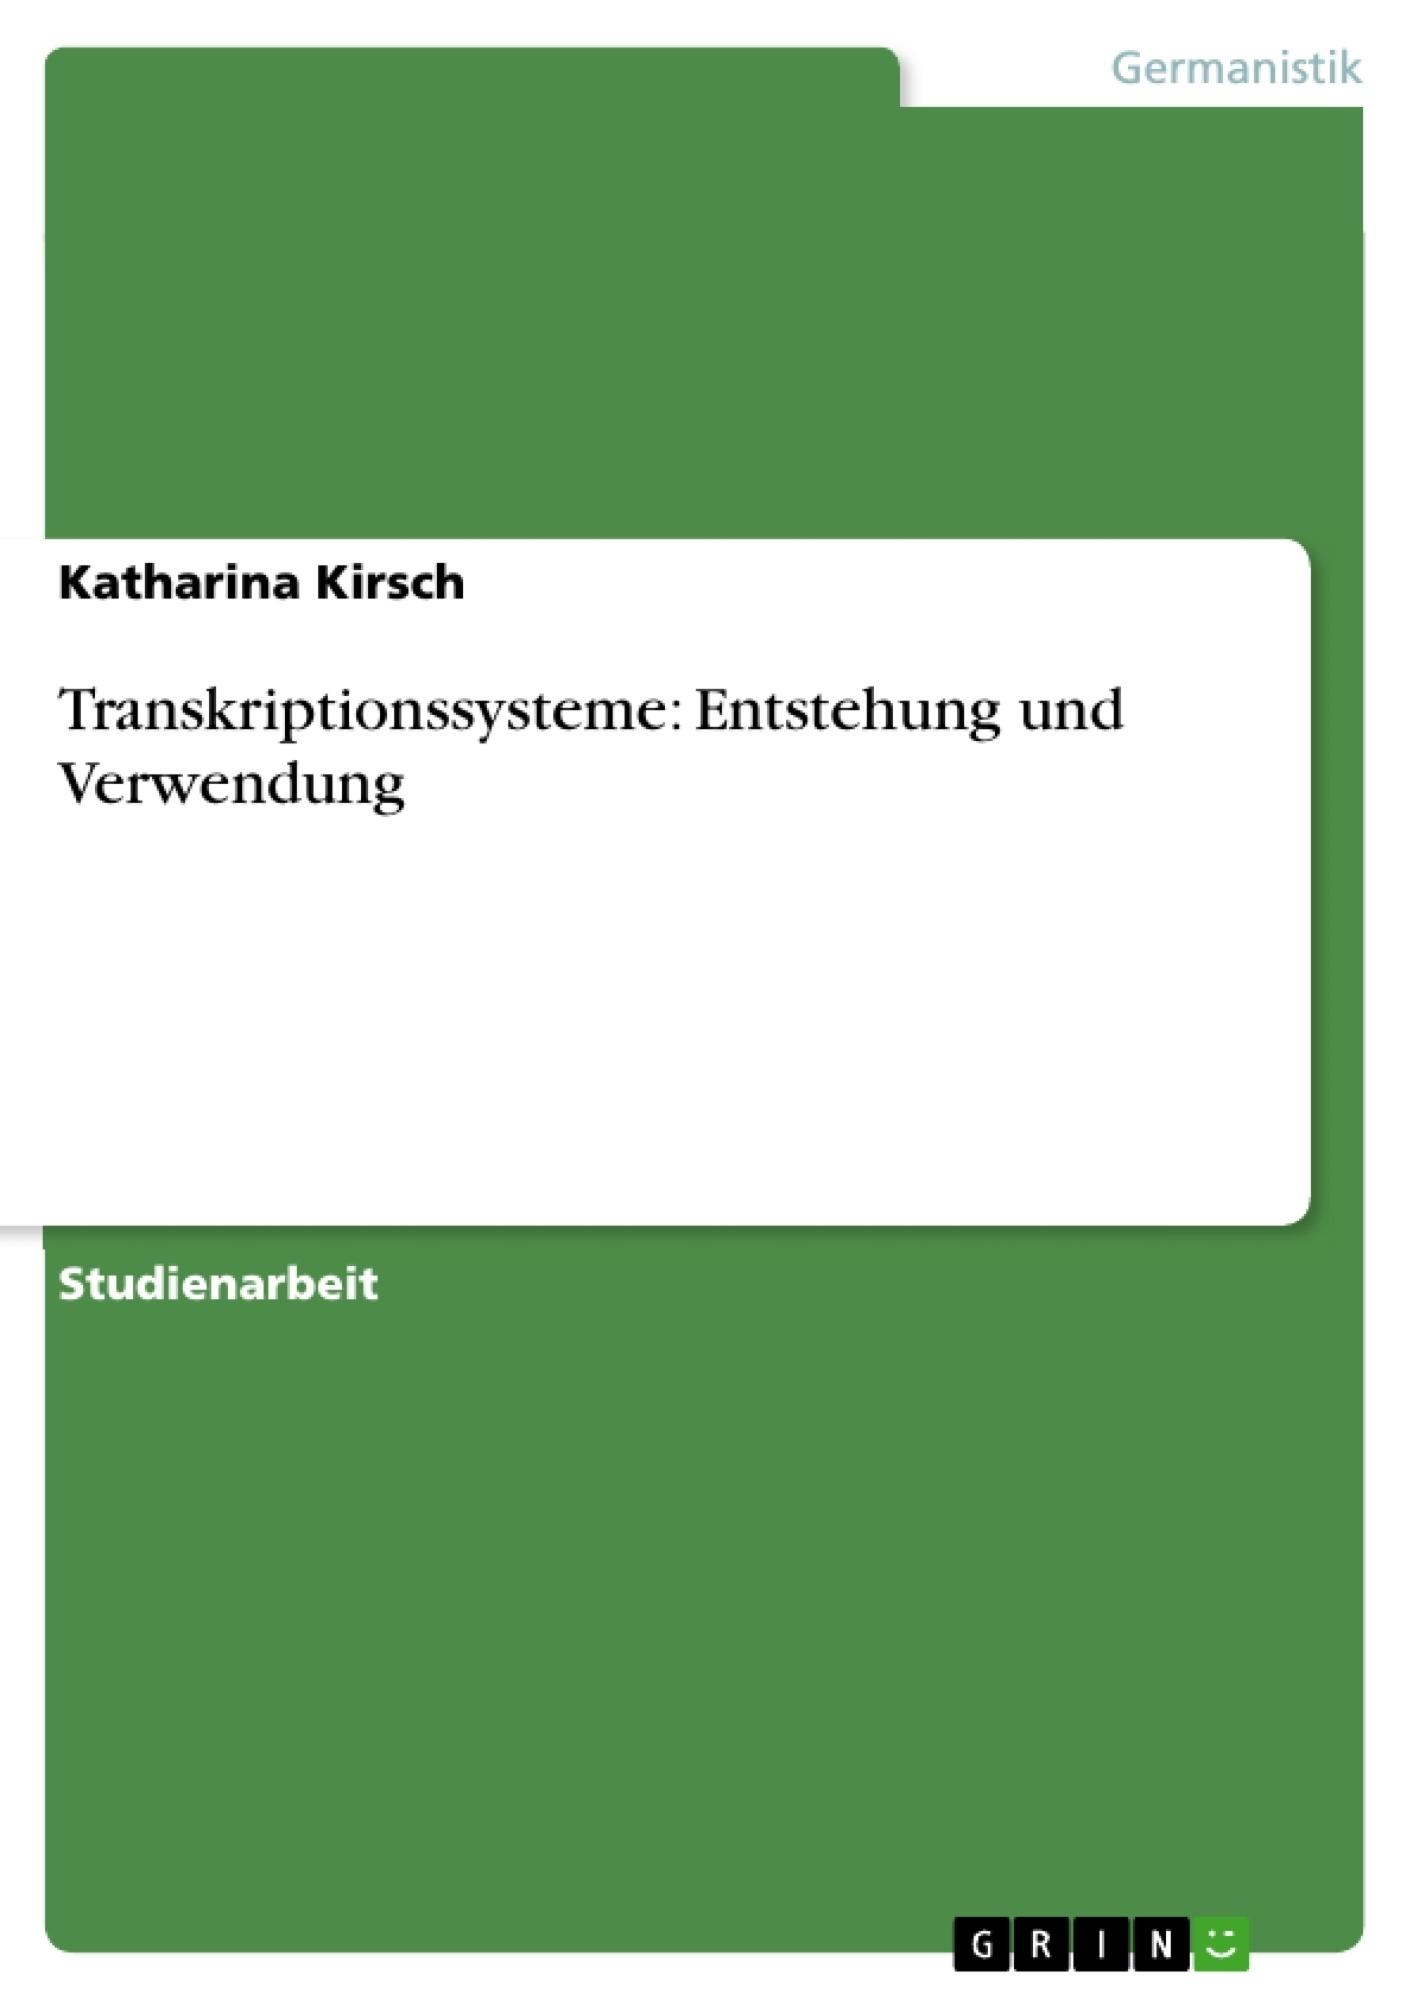 Titel: Transkriptionssysteme: Entstehung und Verwendung